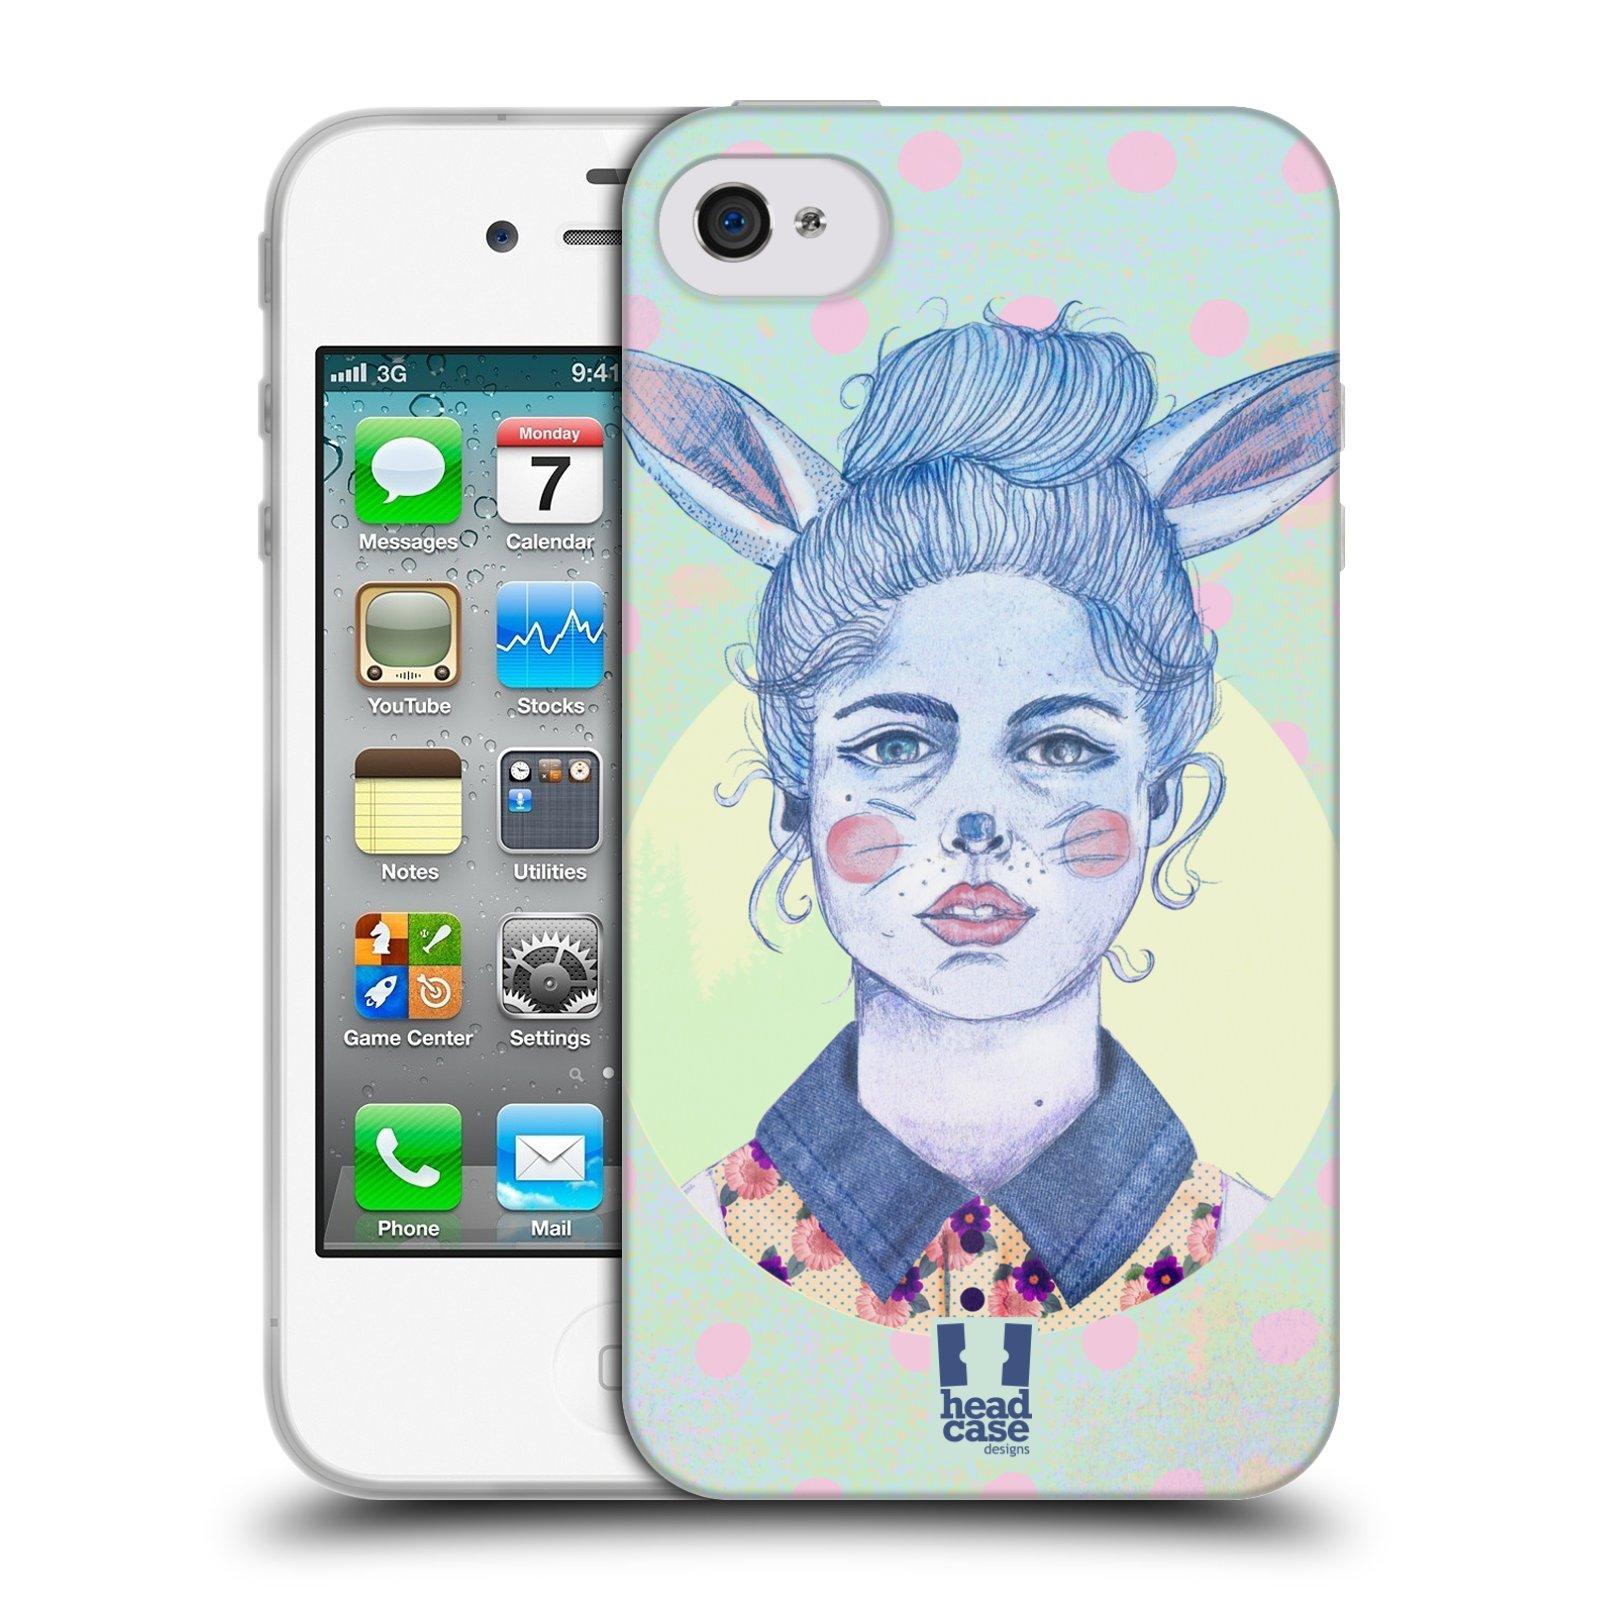 HEAD CASE silikonový obal na mobil Apple Iphone 4/4S vzor Děvče zvířecí tématika zajíček zima